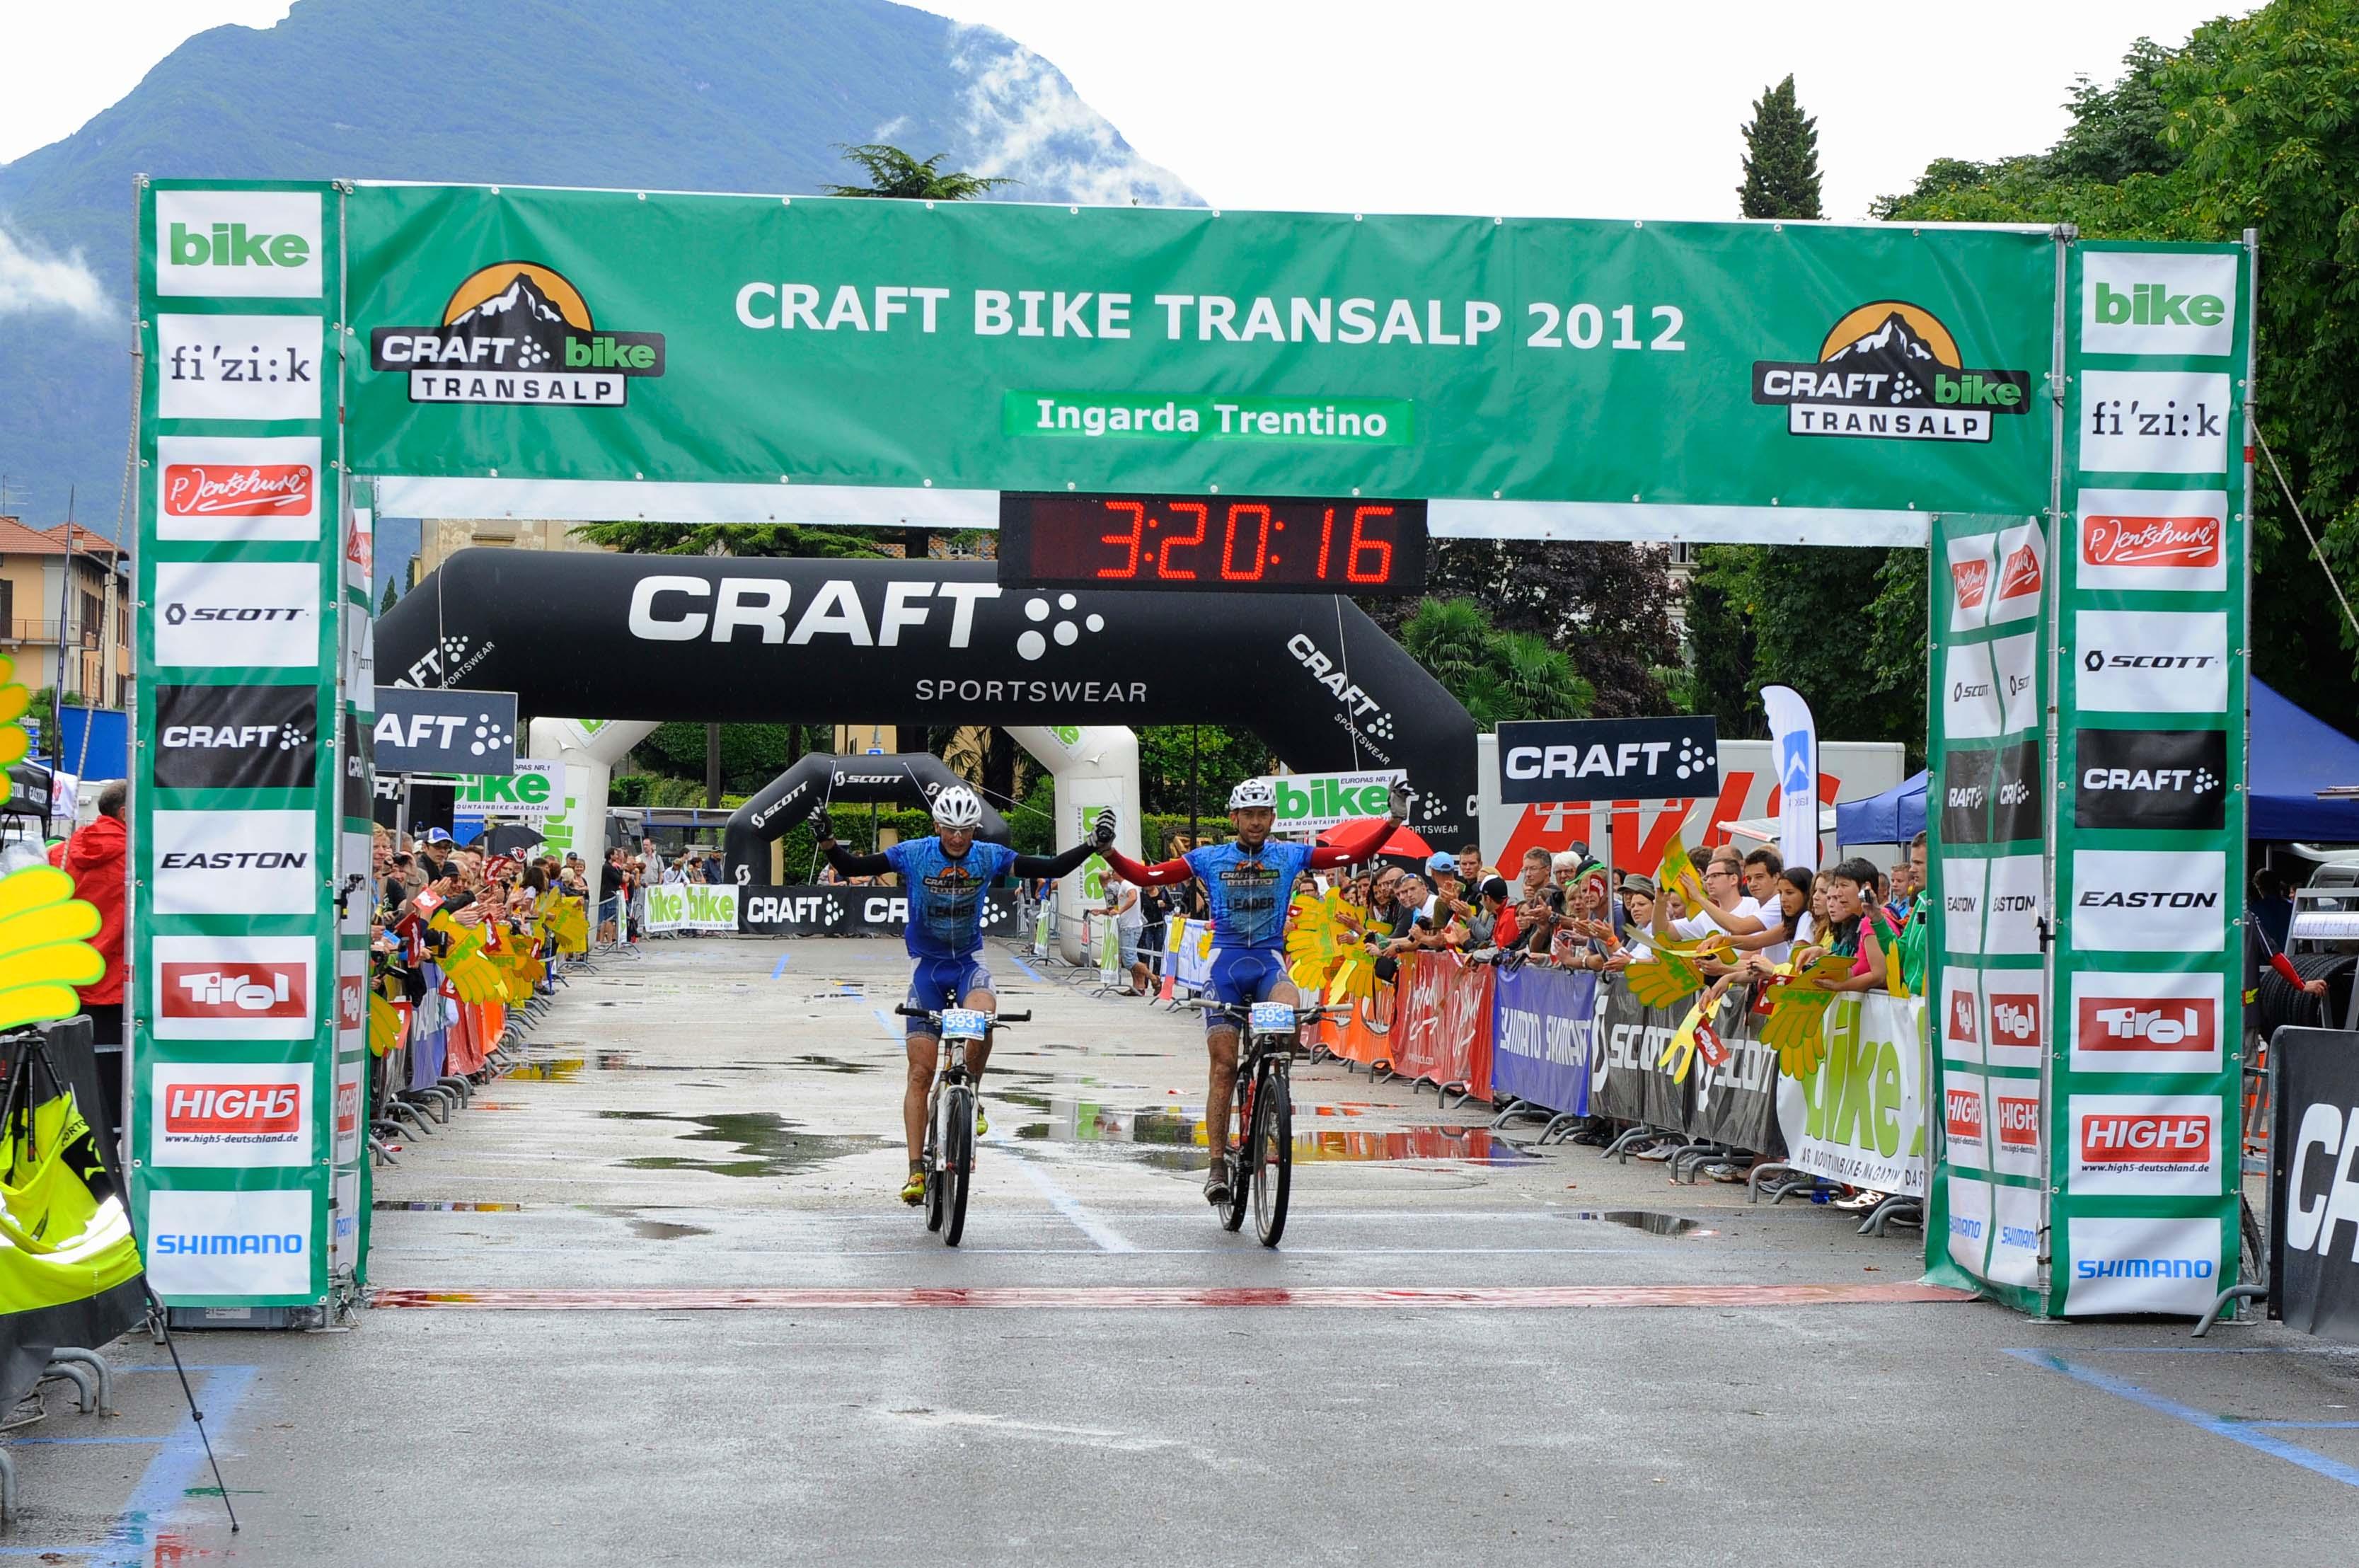 Craft Bike Transalp 2012: tappa finale a Riva del Garda. Le classifiche